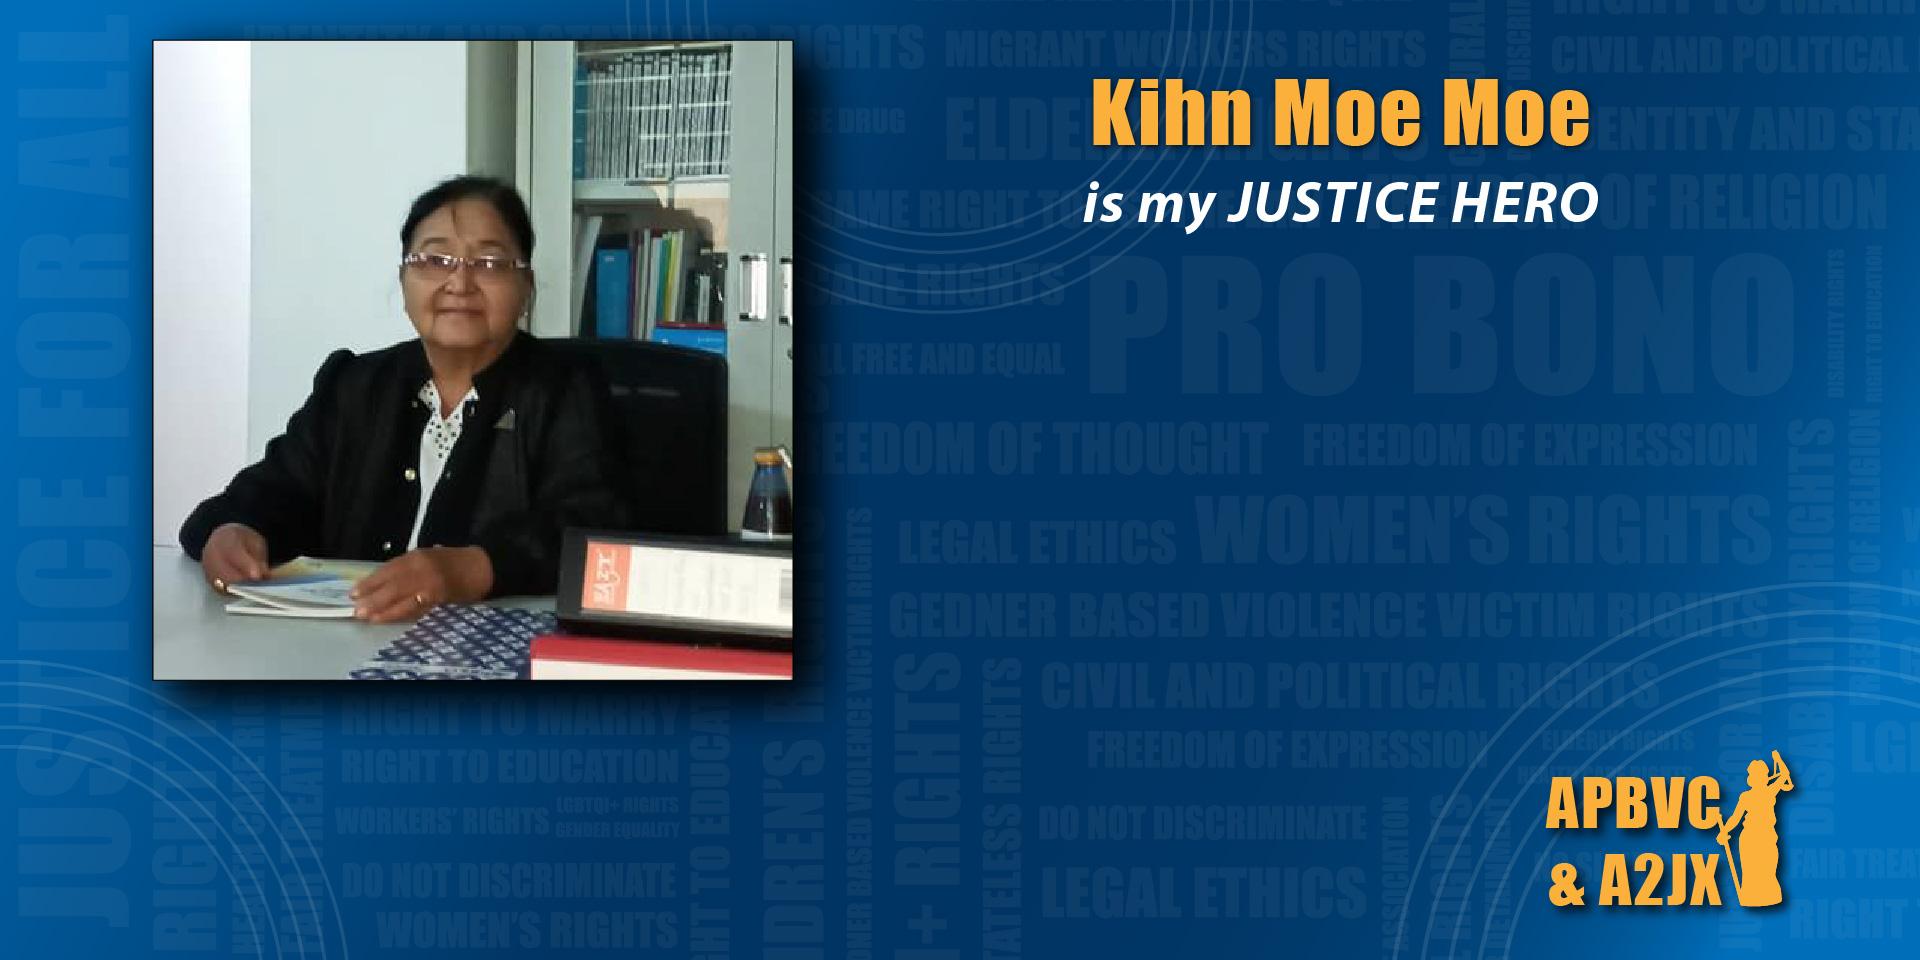 Kihn Moe Moe